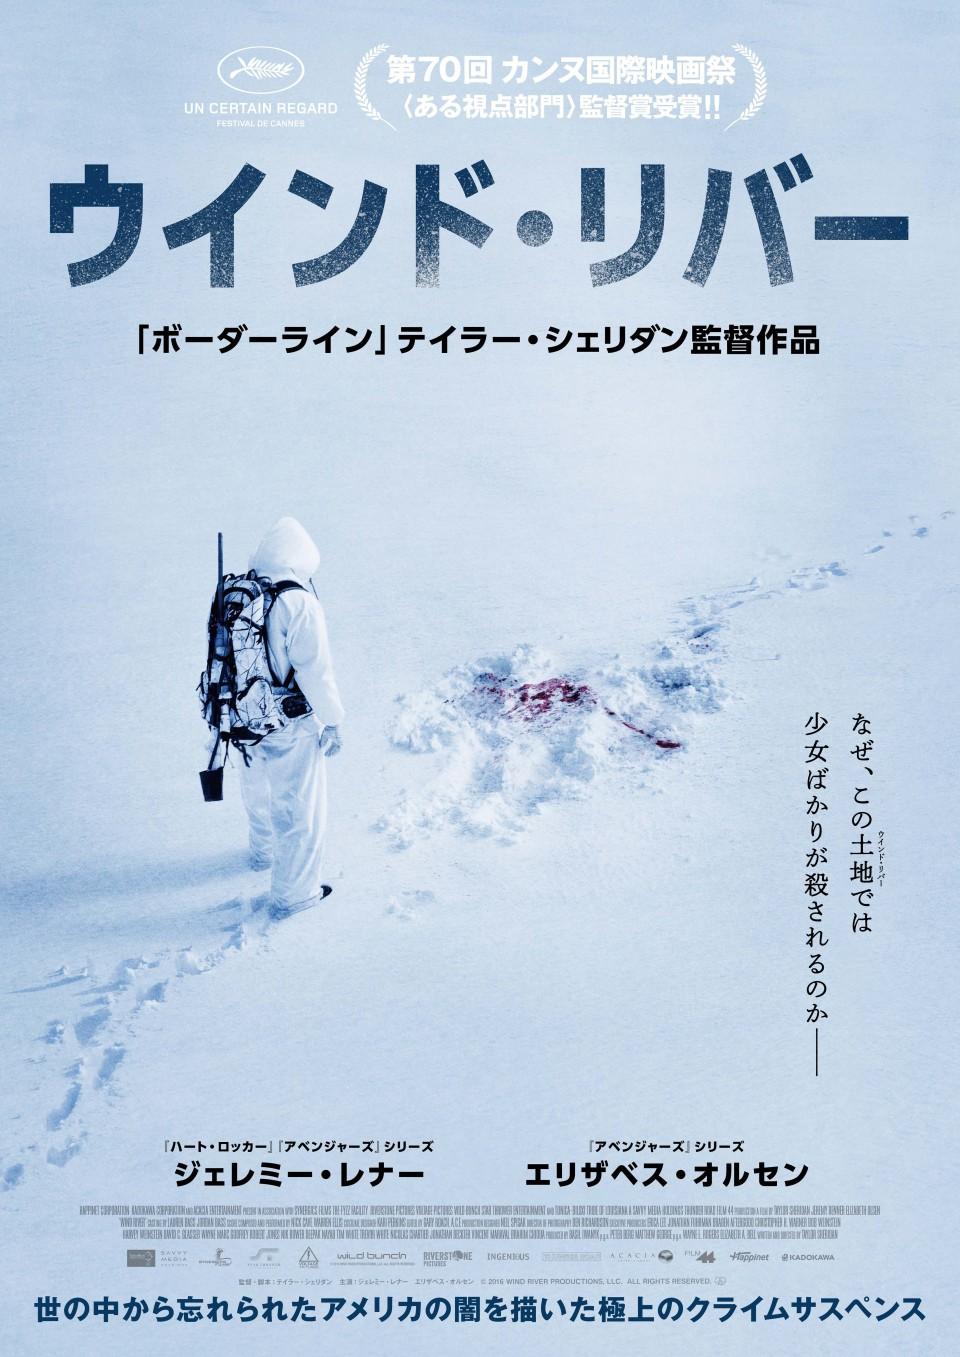 猛暑に最適!心身ともに凍りつく映画「ウインド・リバー」で体温急降下!! 5番目の画像